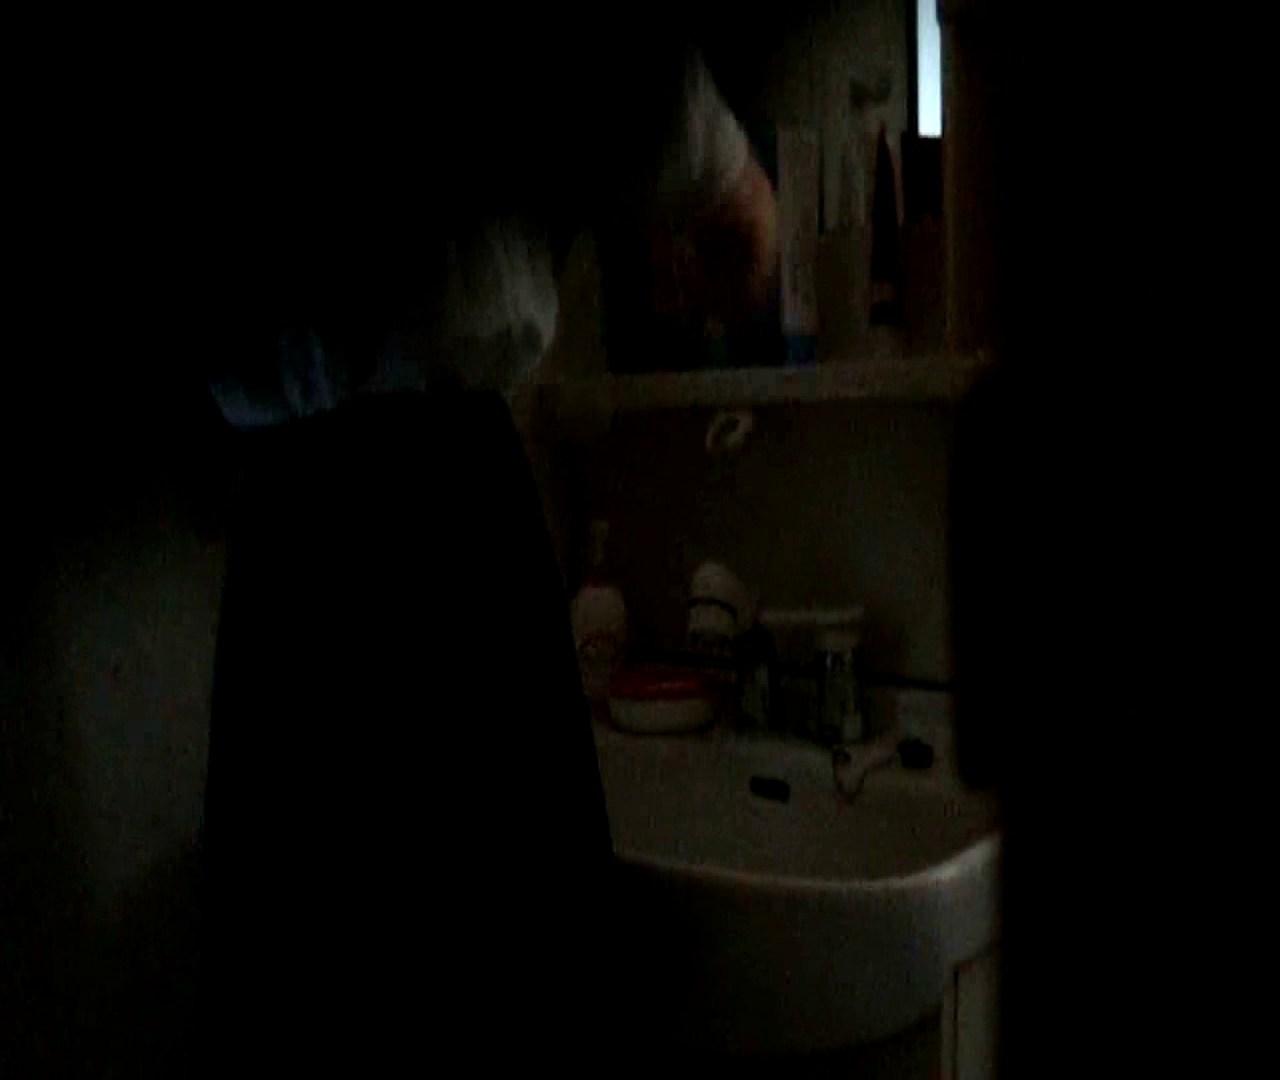 二人とも育てた甲斐がありました… vol.05 まどかが洗顔後にブラを洗濯 HなOL | 0  98pic 41